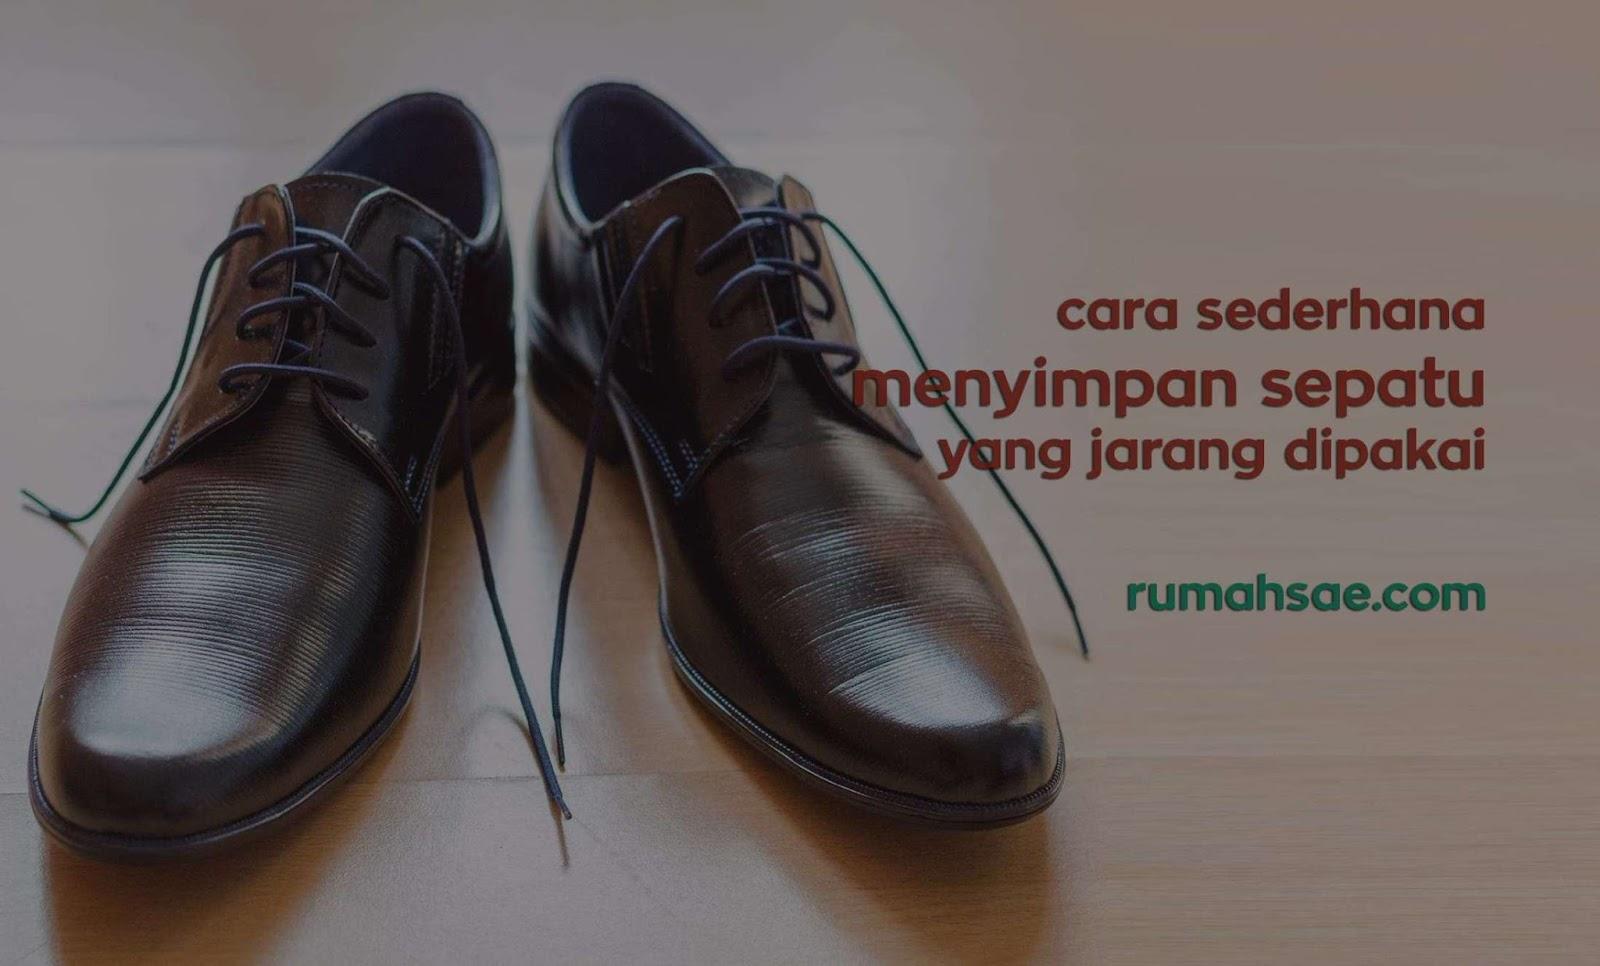 Cara Sederhana Menyimpan Sepatu dan Sandal yang Jarang Dipakai